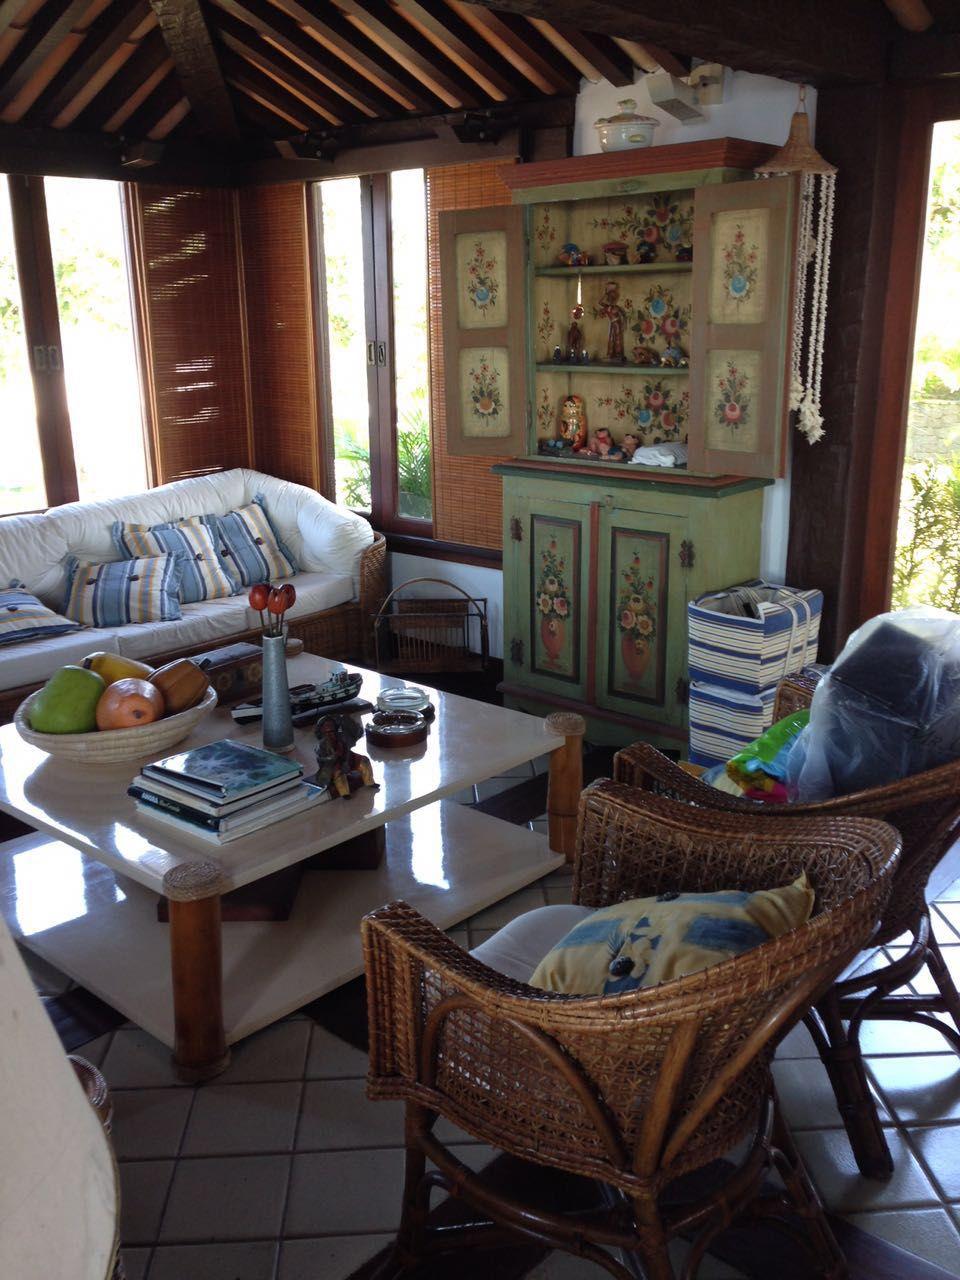 Casa em Condomínio para venda e aluguel Rua João Fernandes,João Fernandes, Armação dos Búzios - LTJF3 - 21